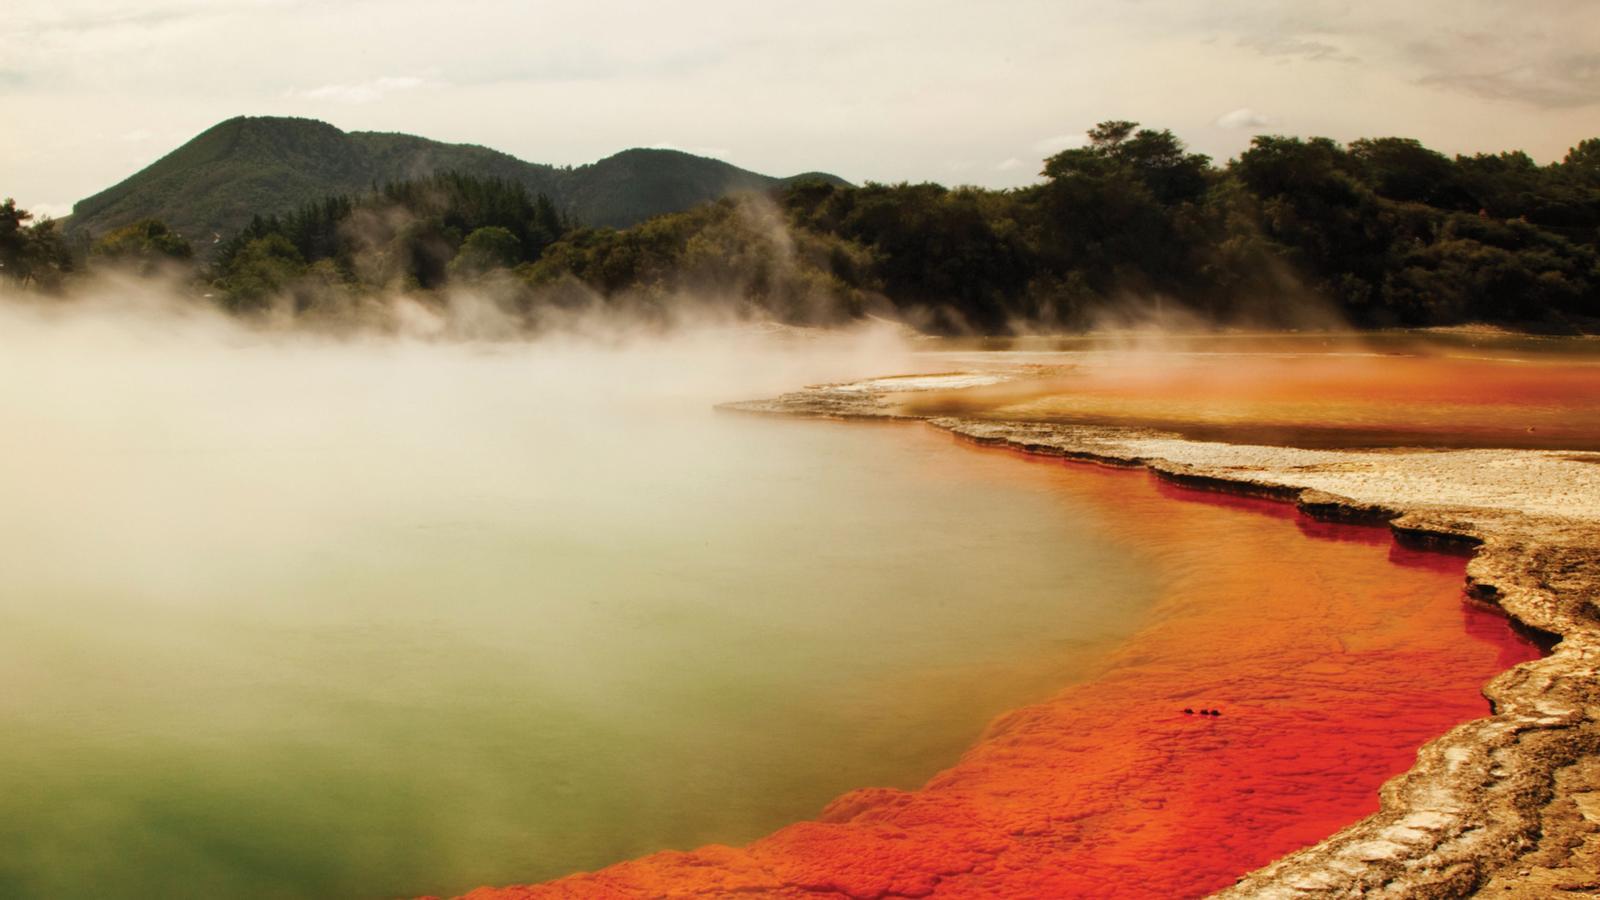 heiße Quelle in Neuseeland mit vulkanischen Aktivitäten